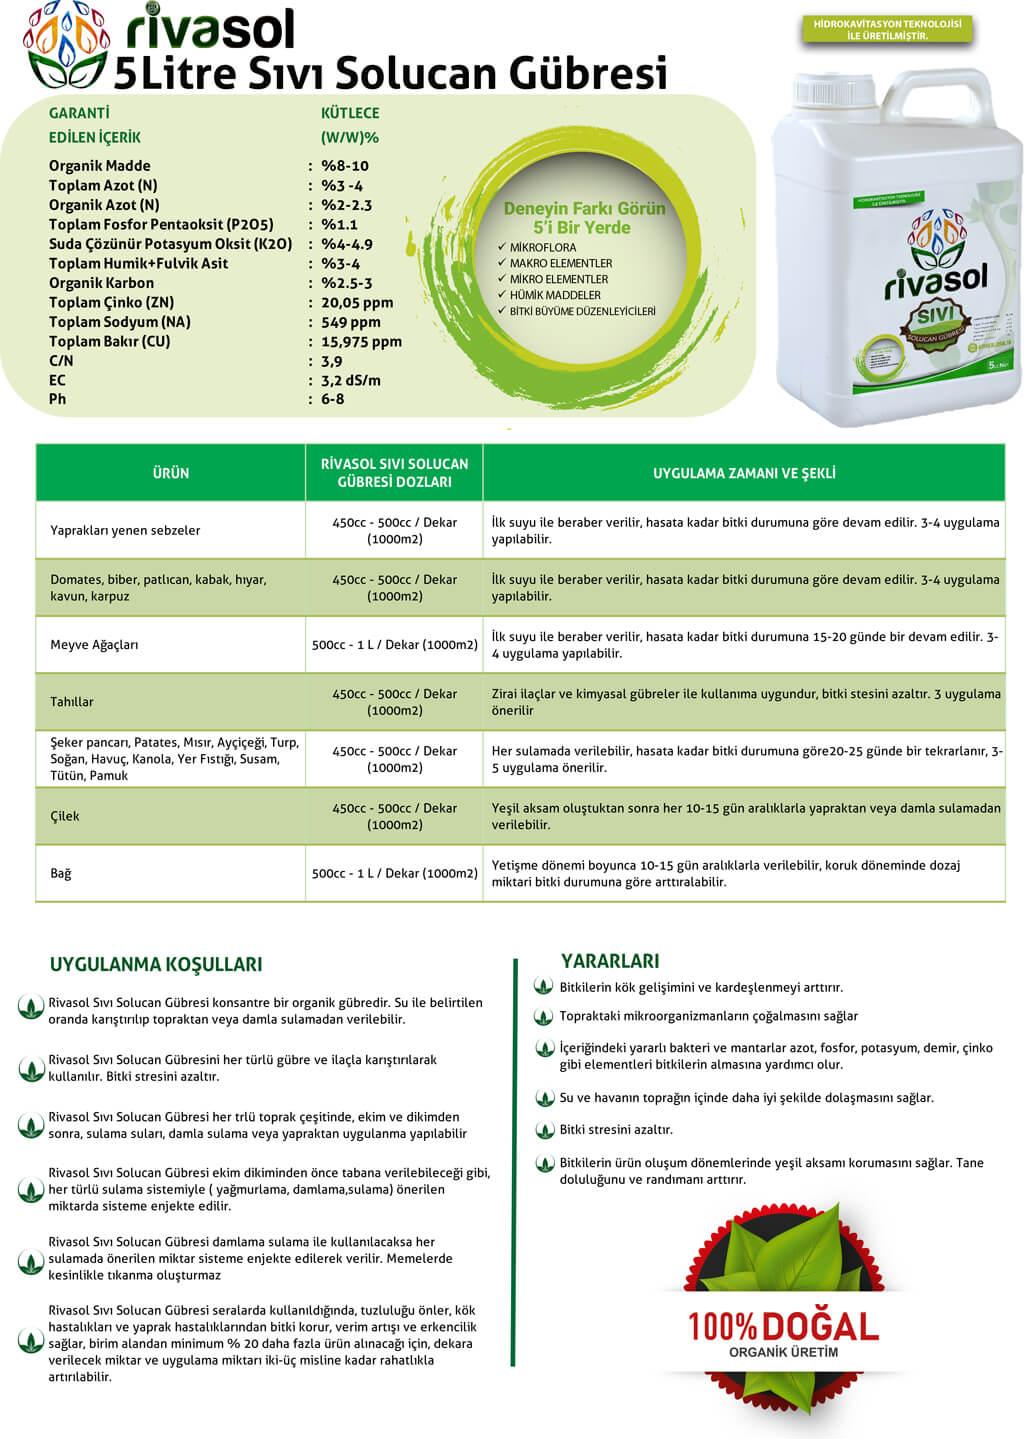 5 litre sıvı solucan gübresi içerik ve kullanım miktarları nedir?